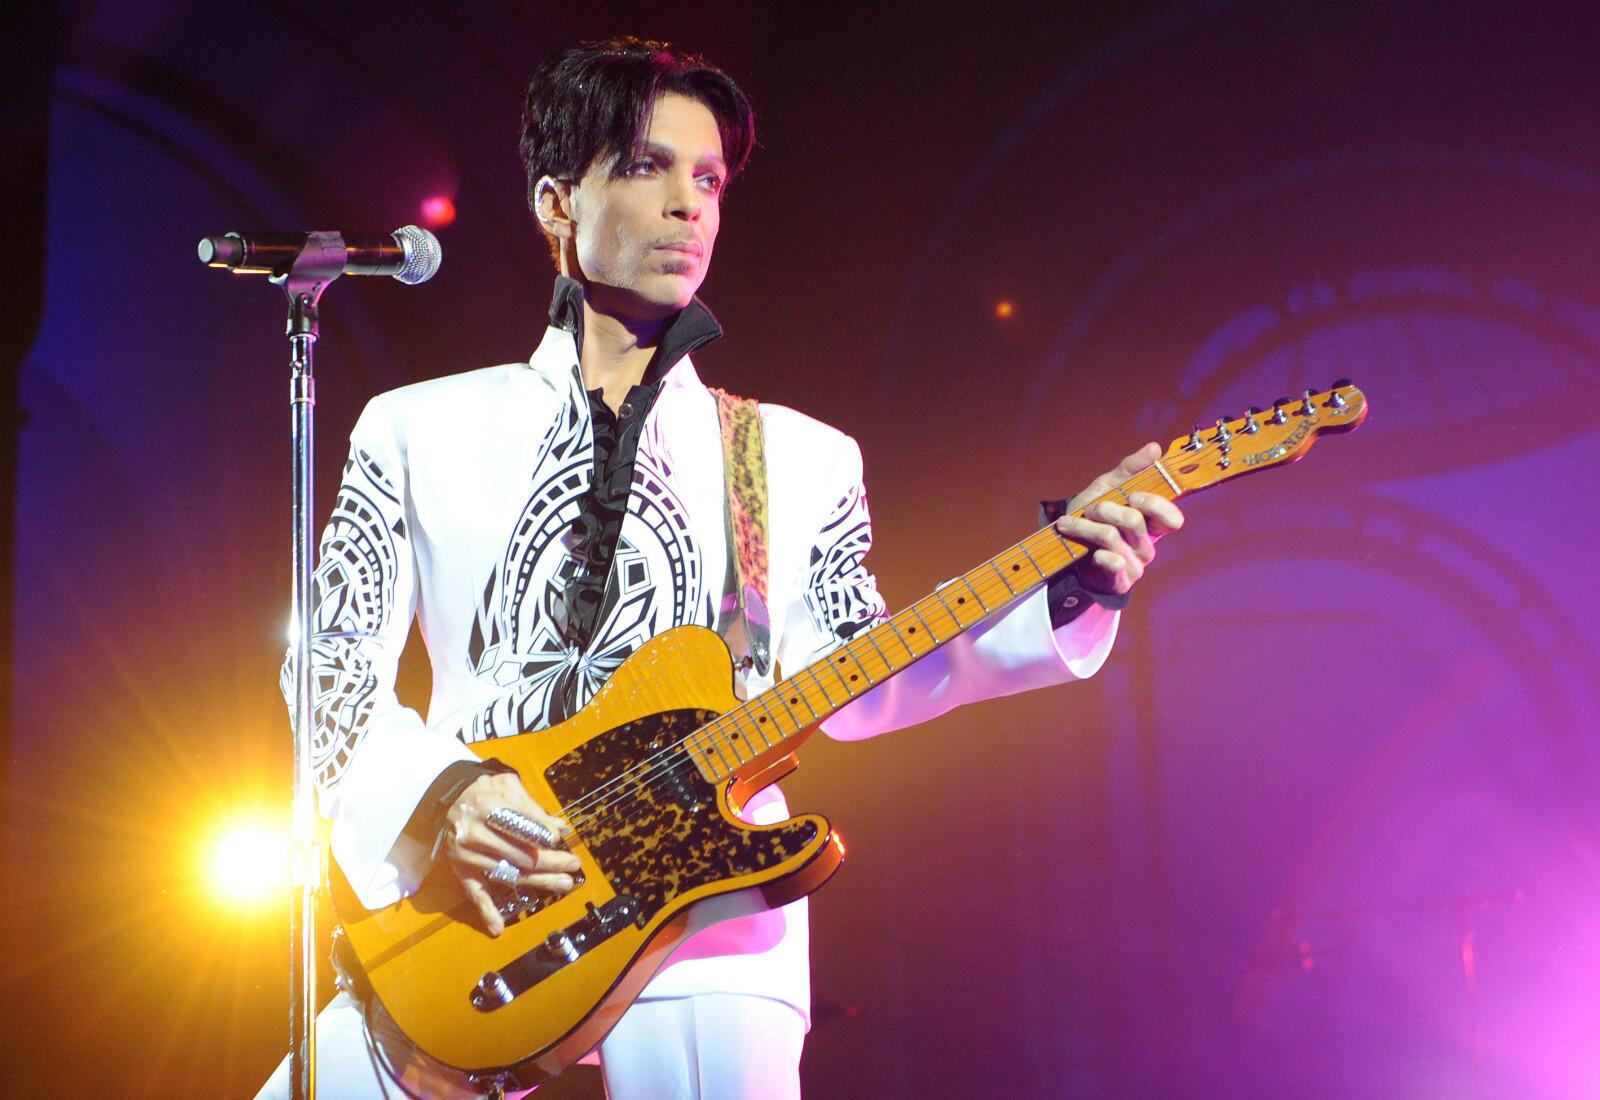 """La star américaine Prince, dandy et musicien de génie, aura marqué plusieurs générations de fans avec des tubes comme """"Purple Rain"""" ou """"Kiss"""", avant de rendre l'âme le 21 avril 2016."""